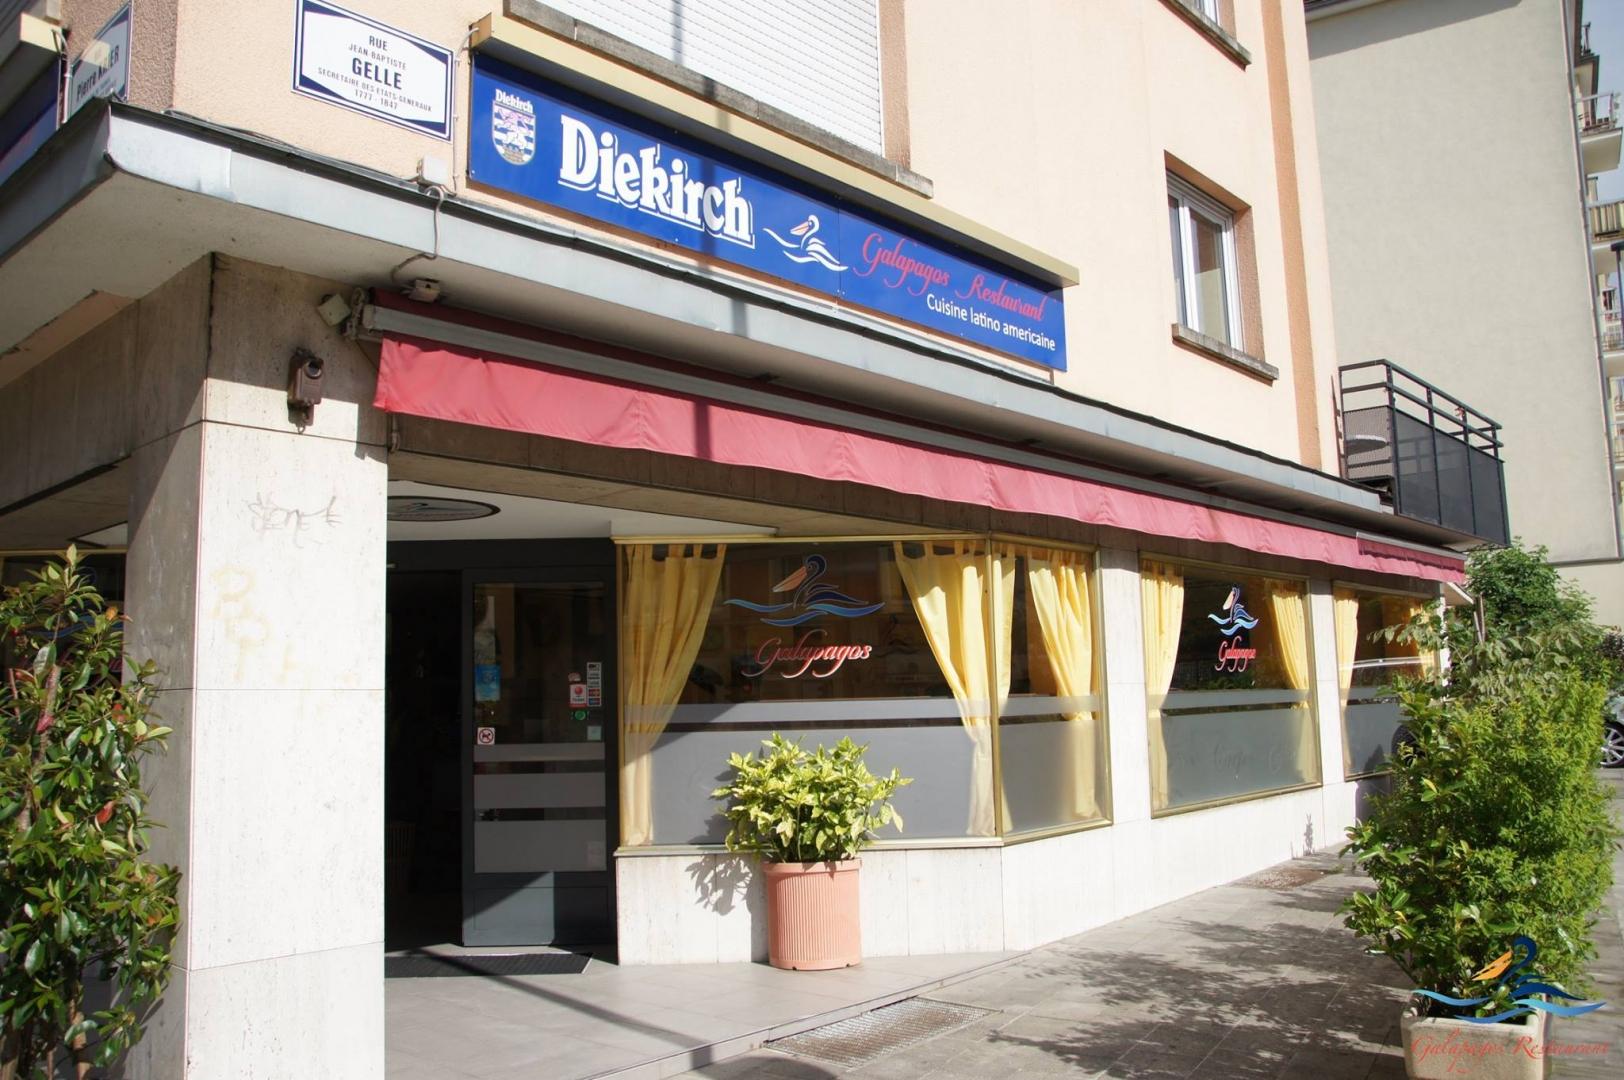 Nouveau restaurant bonnevoie - Restaurant rue des bains luxembourg ...